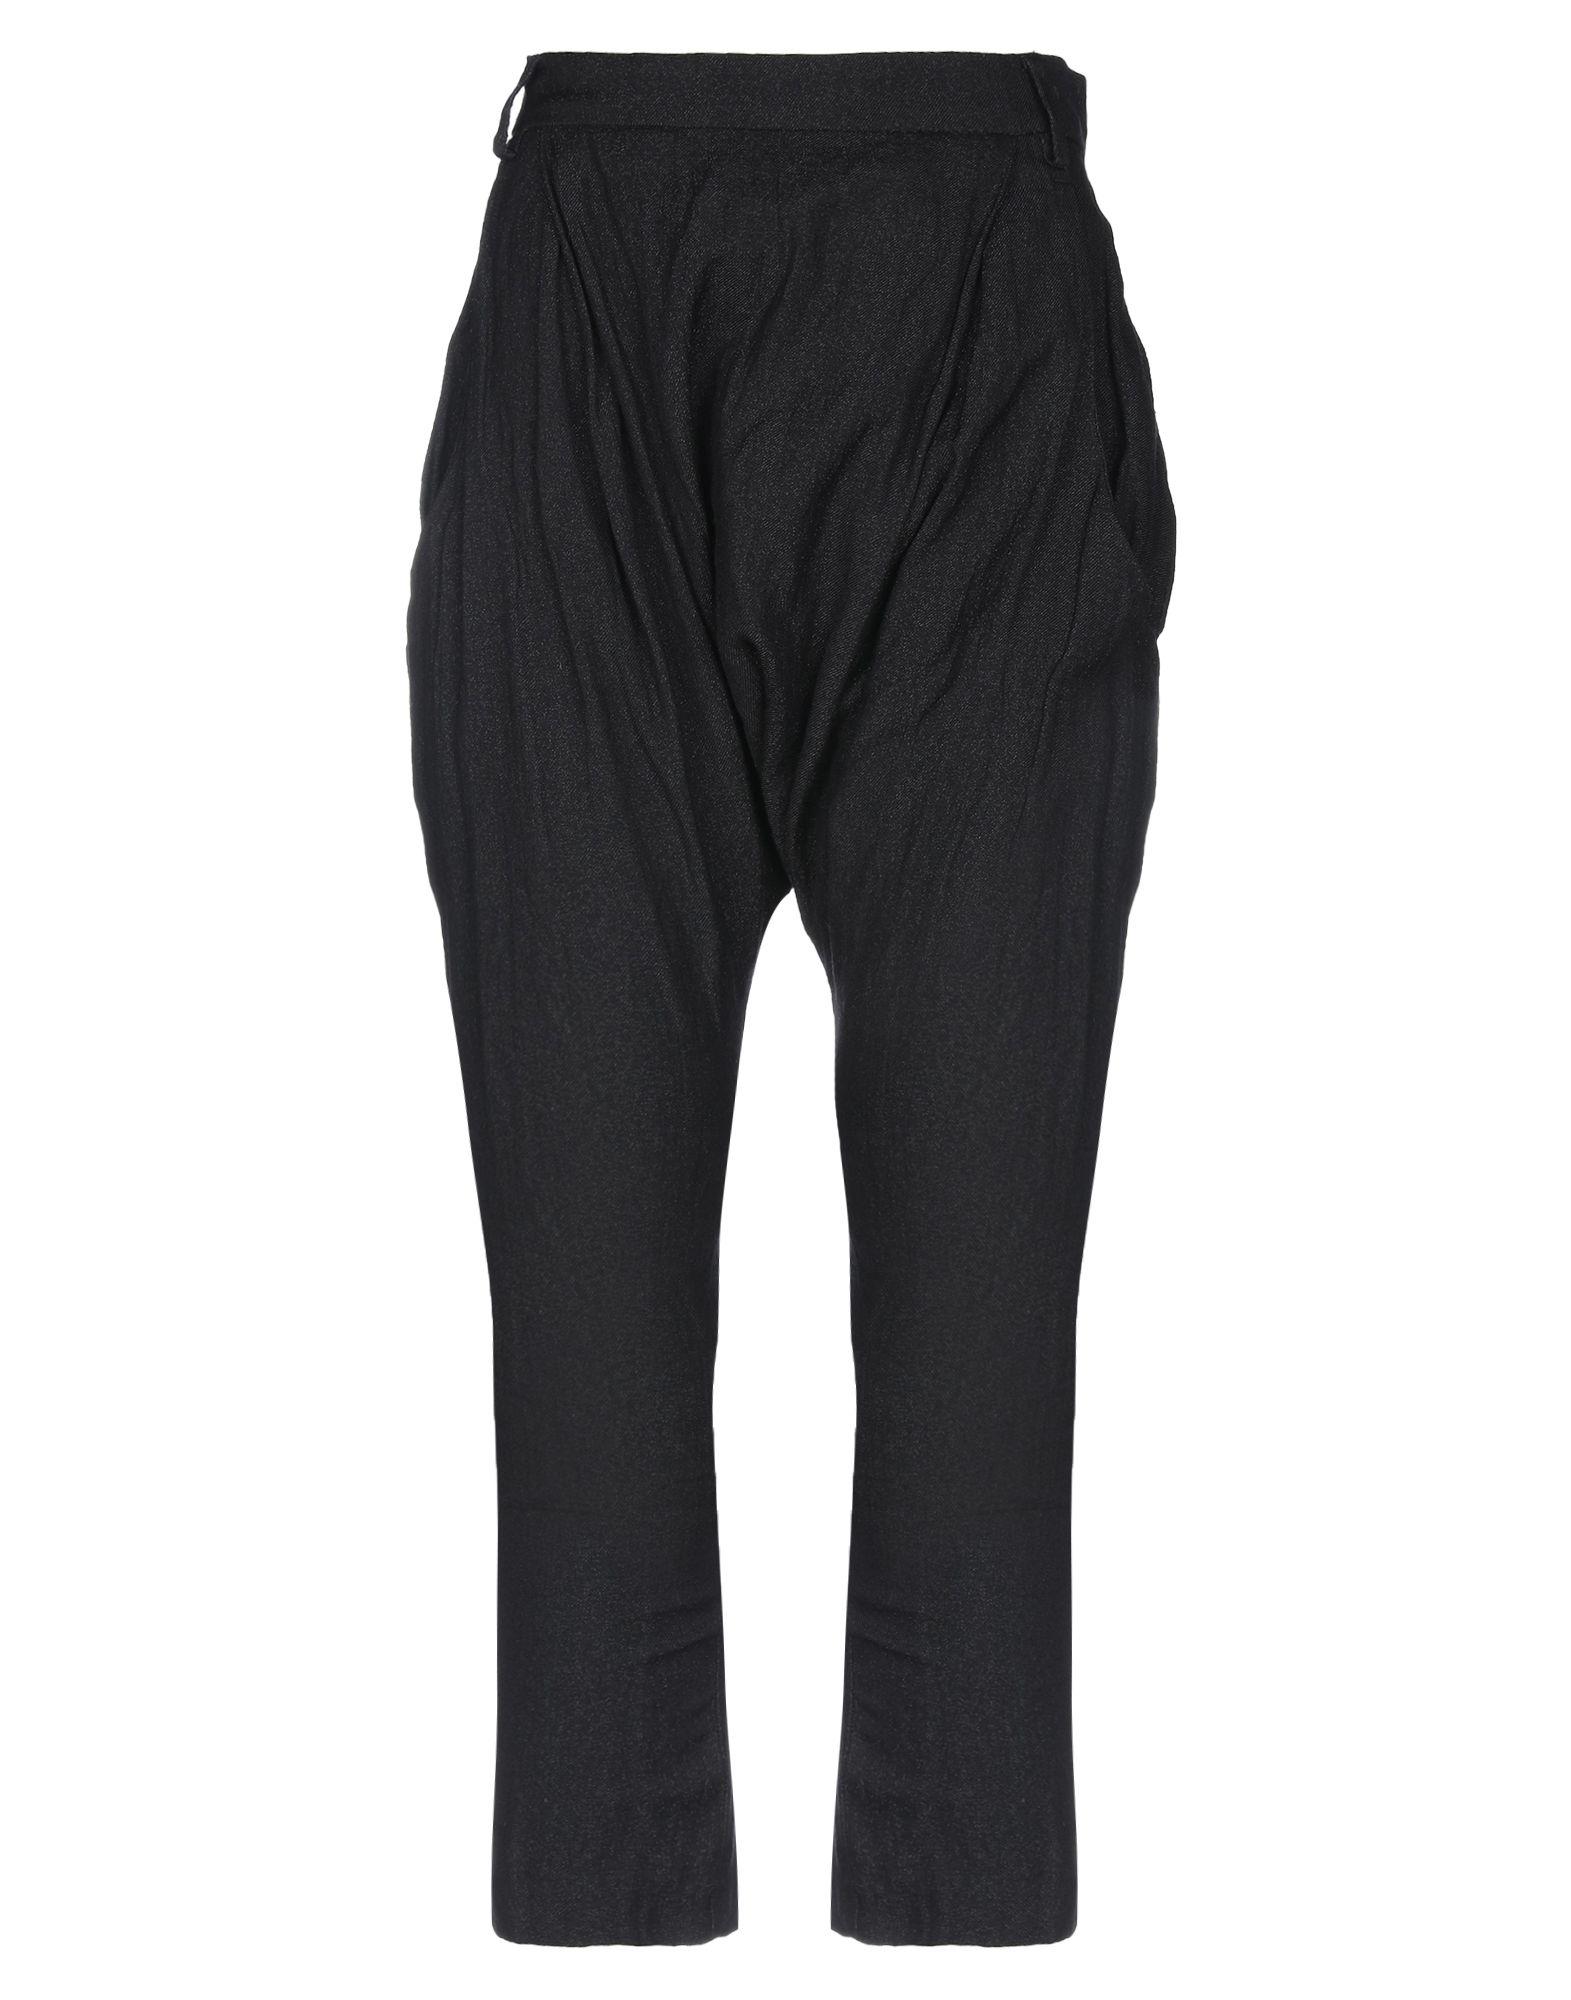 цены на GIOVANNI CAVAGNA Повседневные брюки  в интернет-магазинах